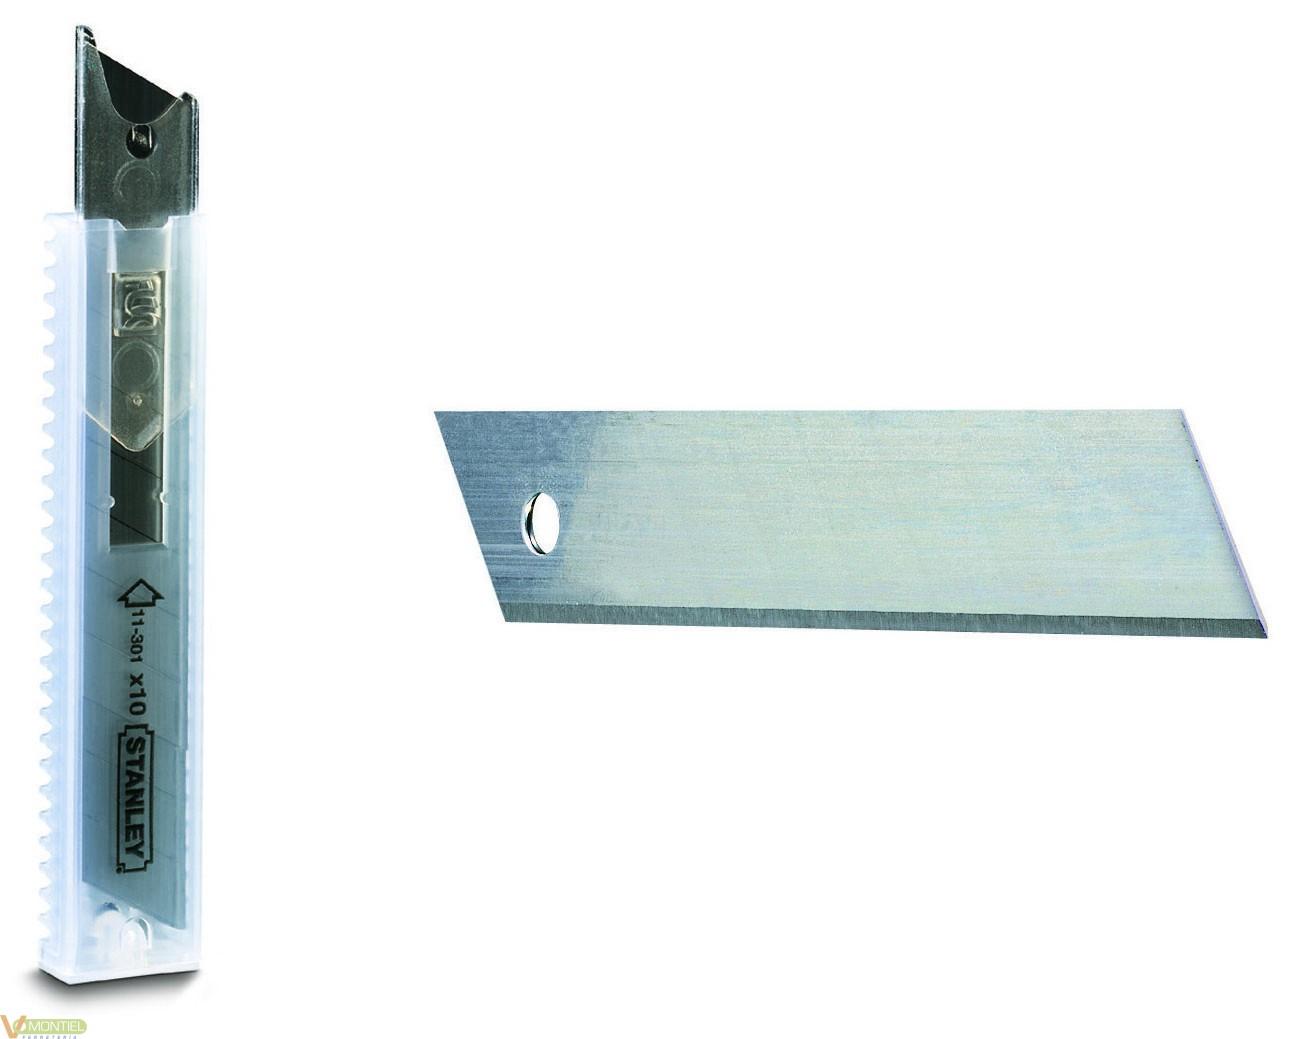 Cuchilla cutter 18mm 10 pz 0-1-0